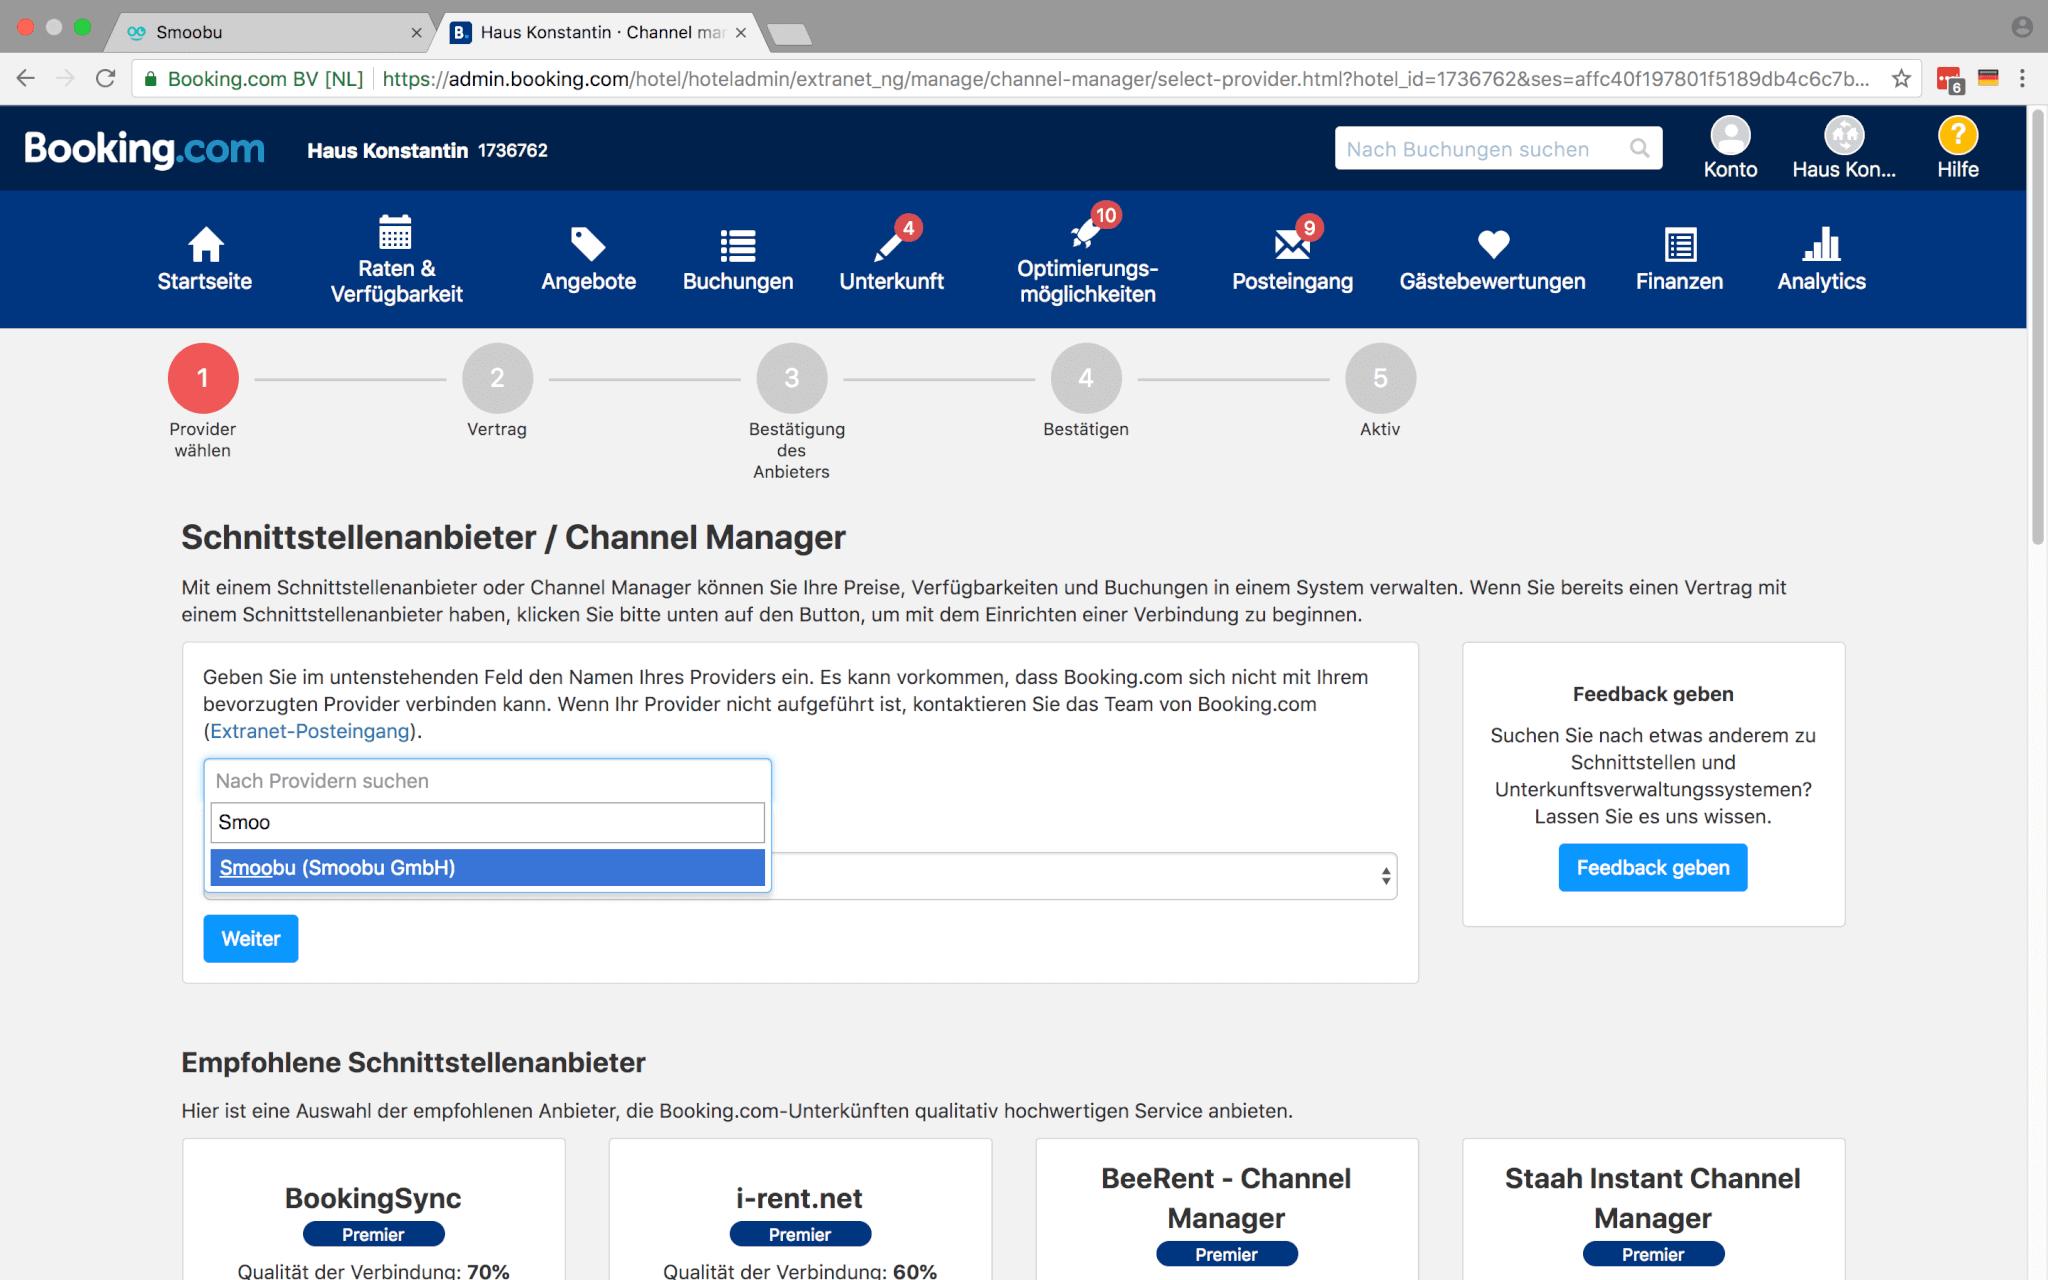 Der Screenshot zeigt Booking.com Schnittstellenpartner Smoobu zum Auswählen